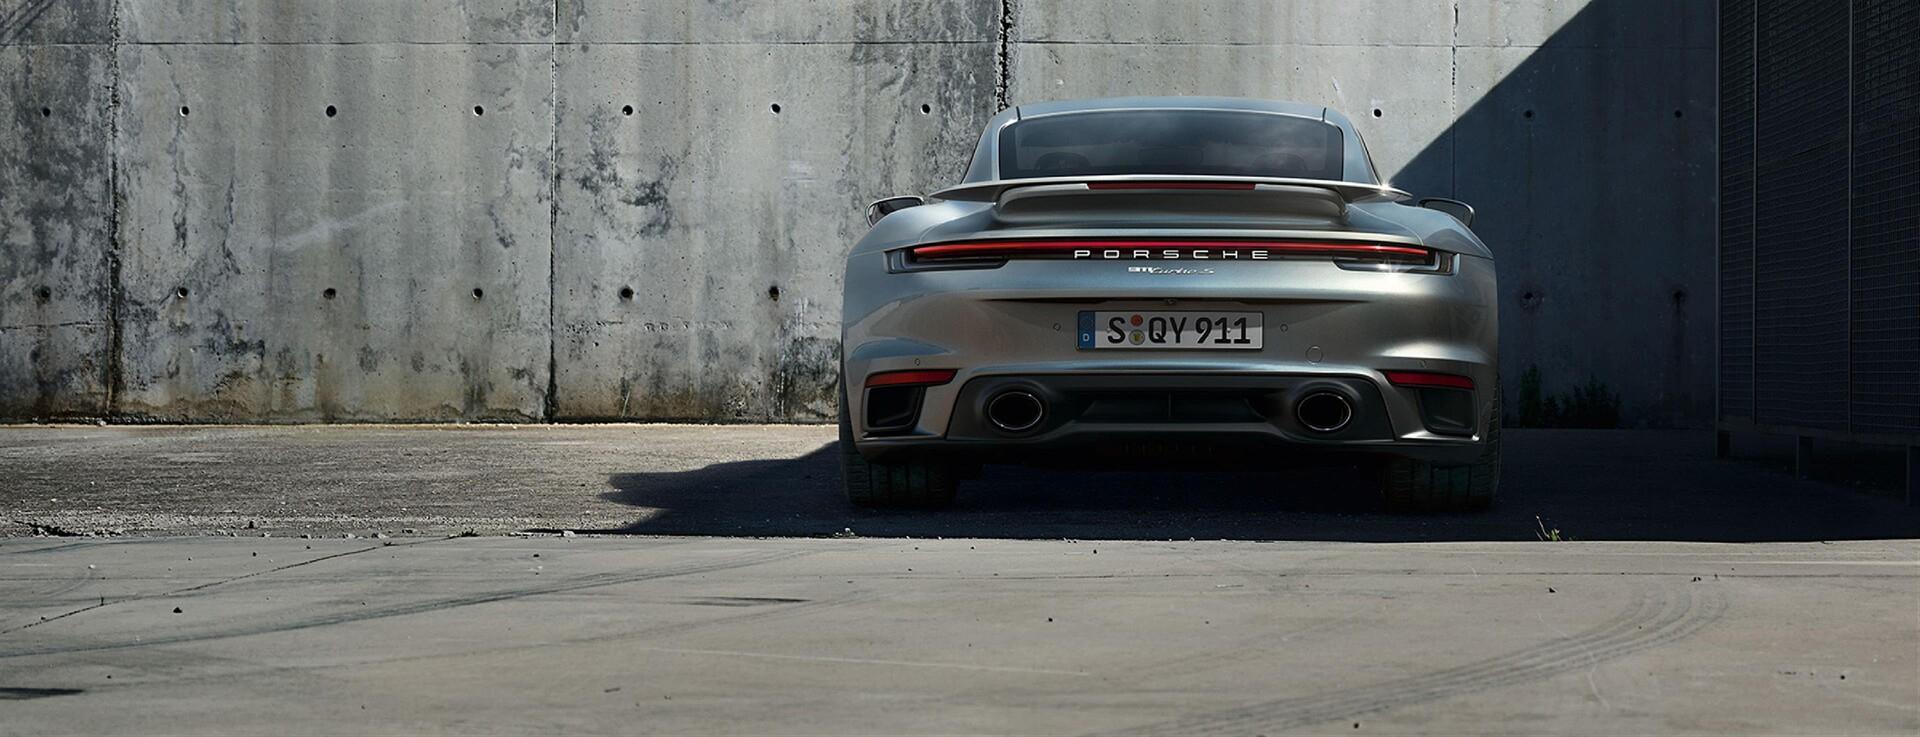 Porsche Türkiye - Sportif Araç Deneyimi intérieur Salon De Jardin Nevada